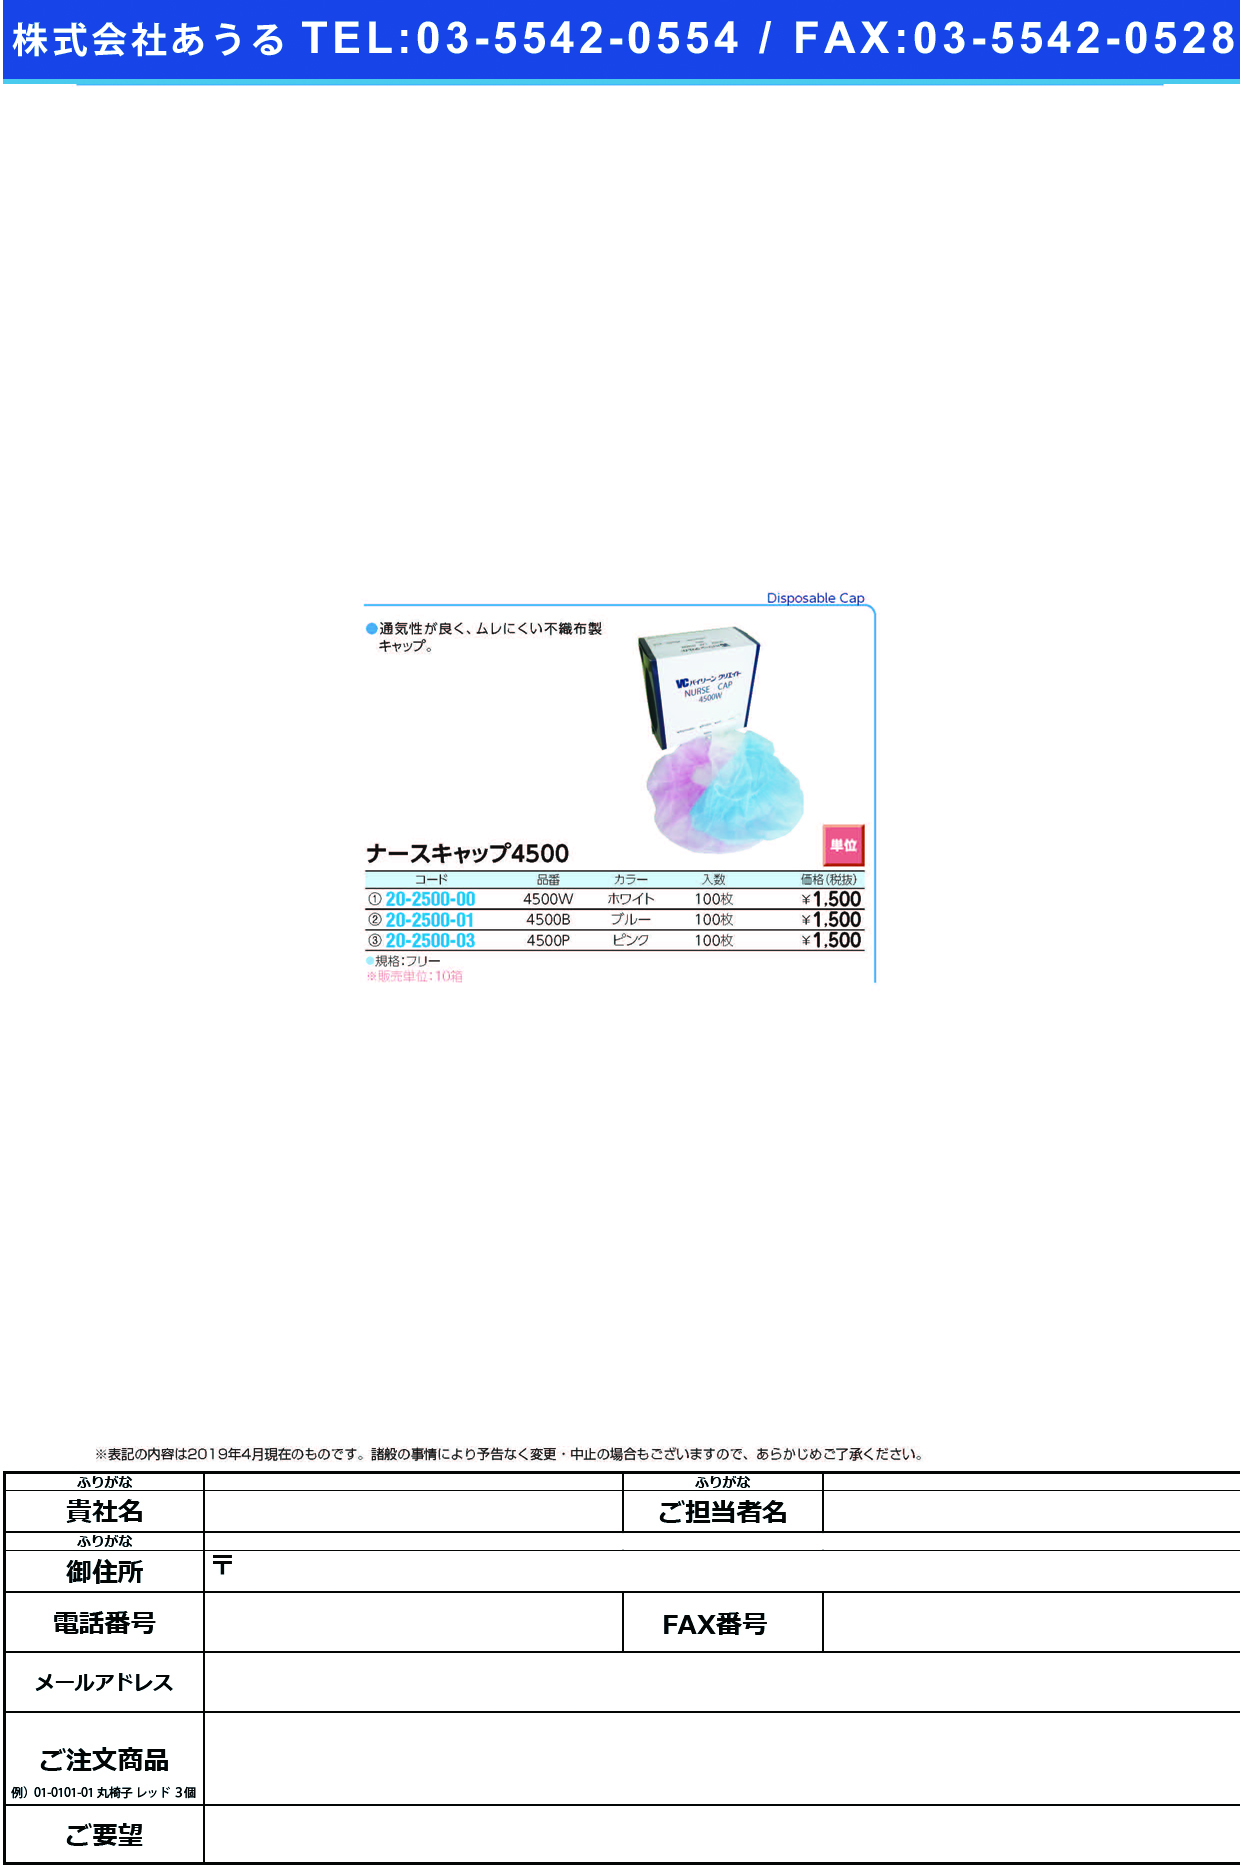 (20-2500-01)ナースキャップ4500 4500B(ブルー)100マイイリ ナースキャップ4500(バイリーンクリエイト)【10箱単位】【2019年カタログ商品】